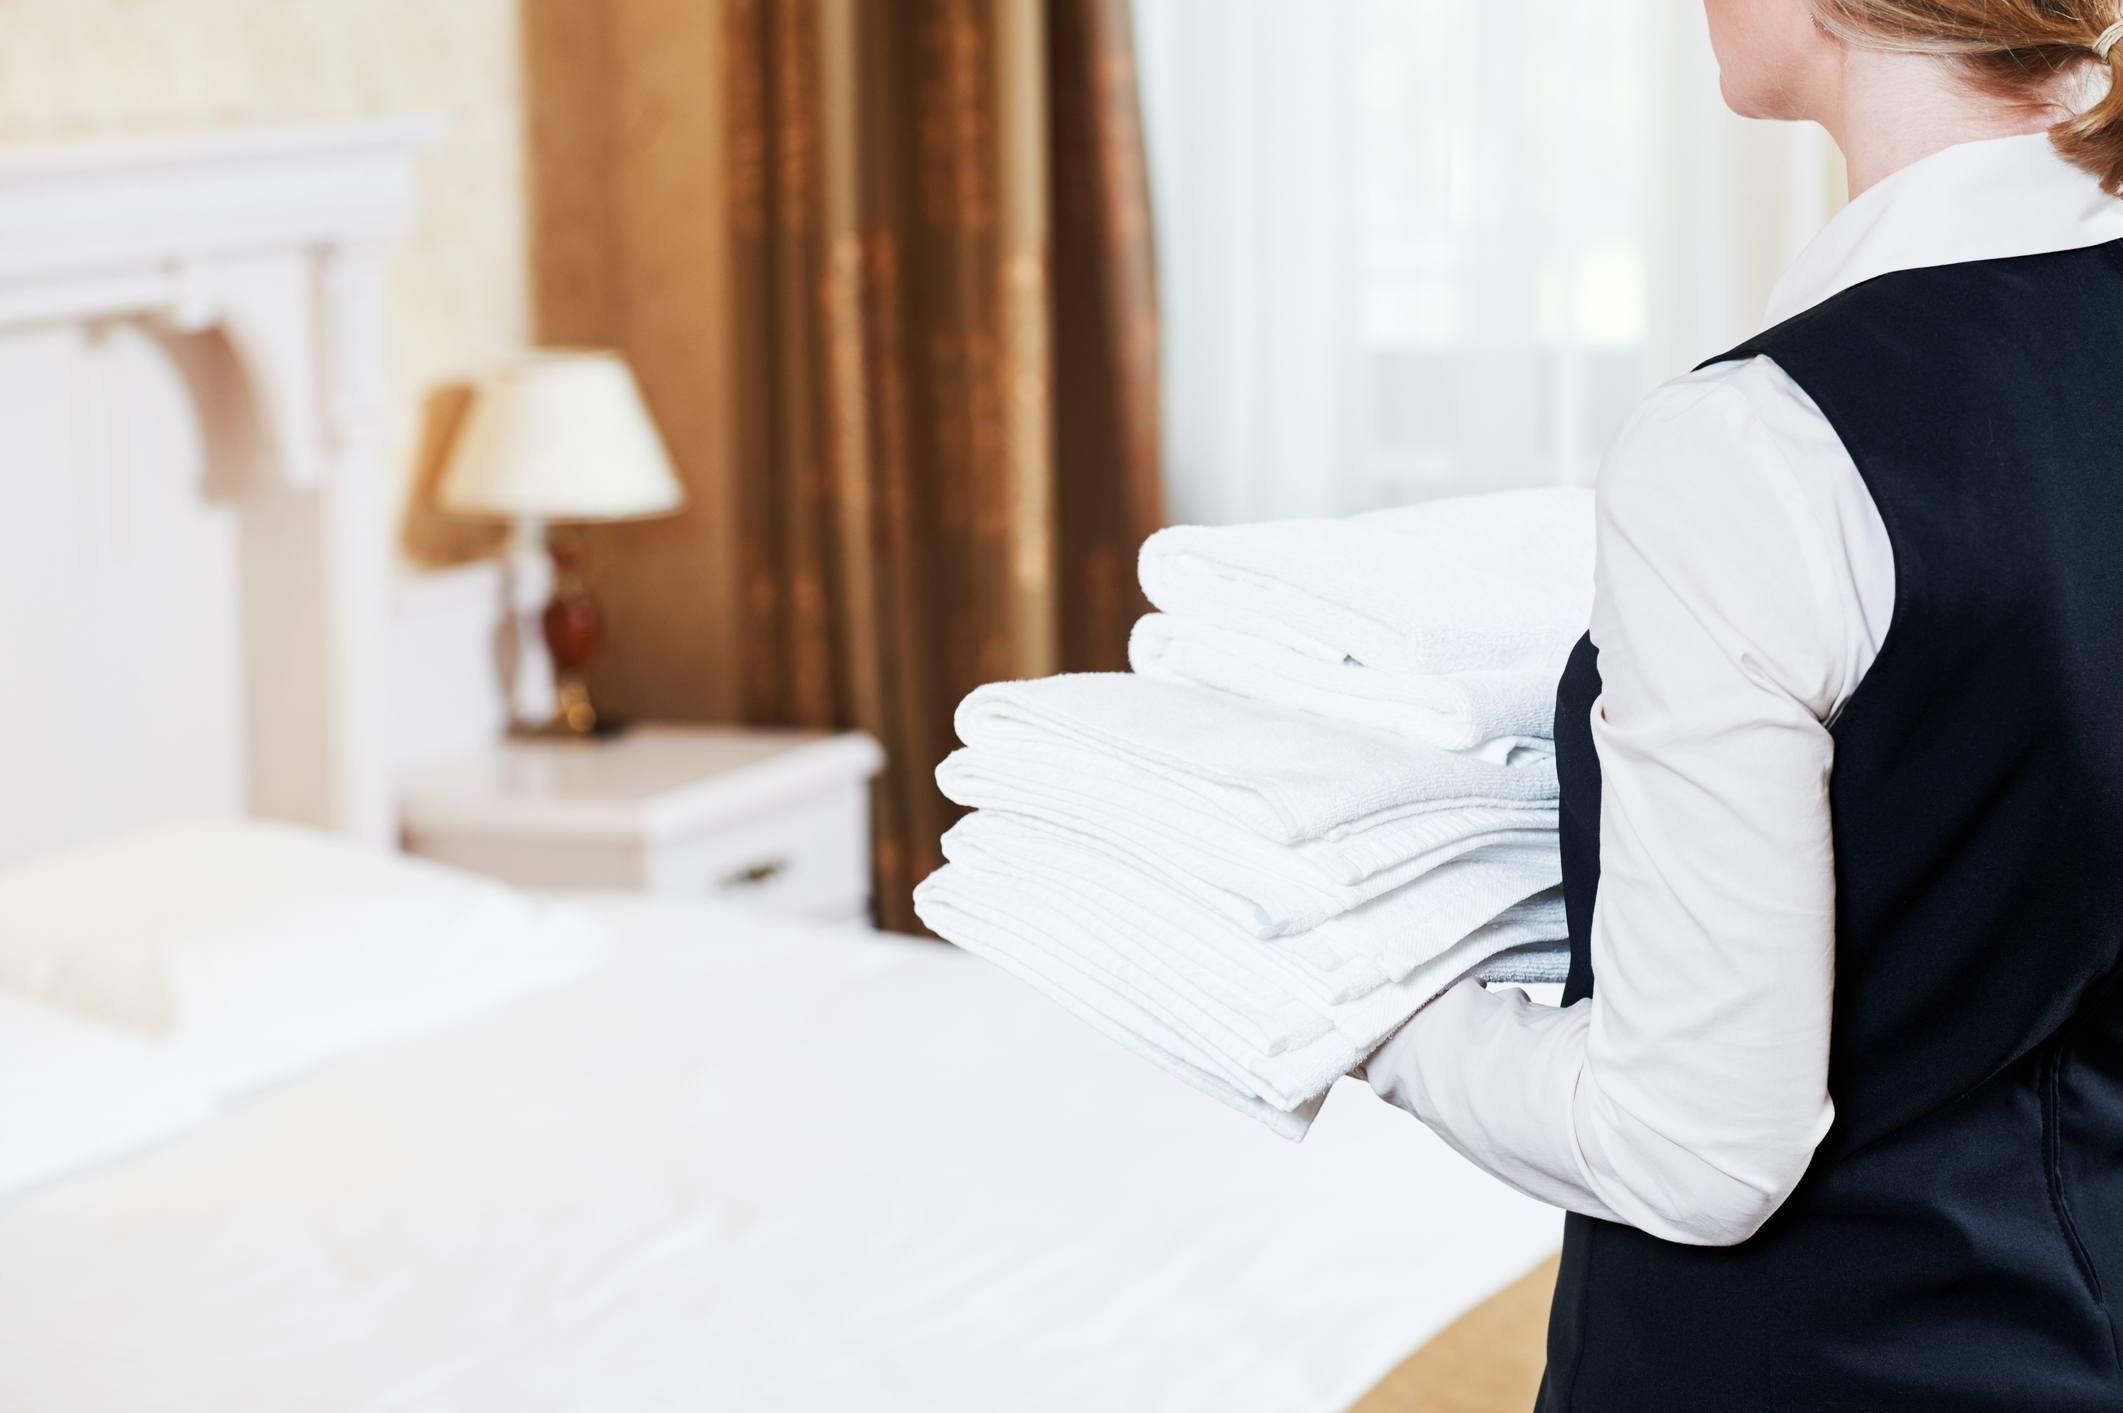 housekeeping in hotel room